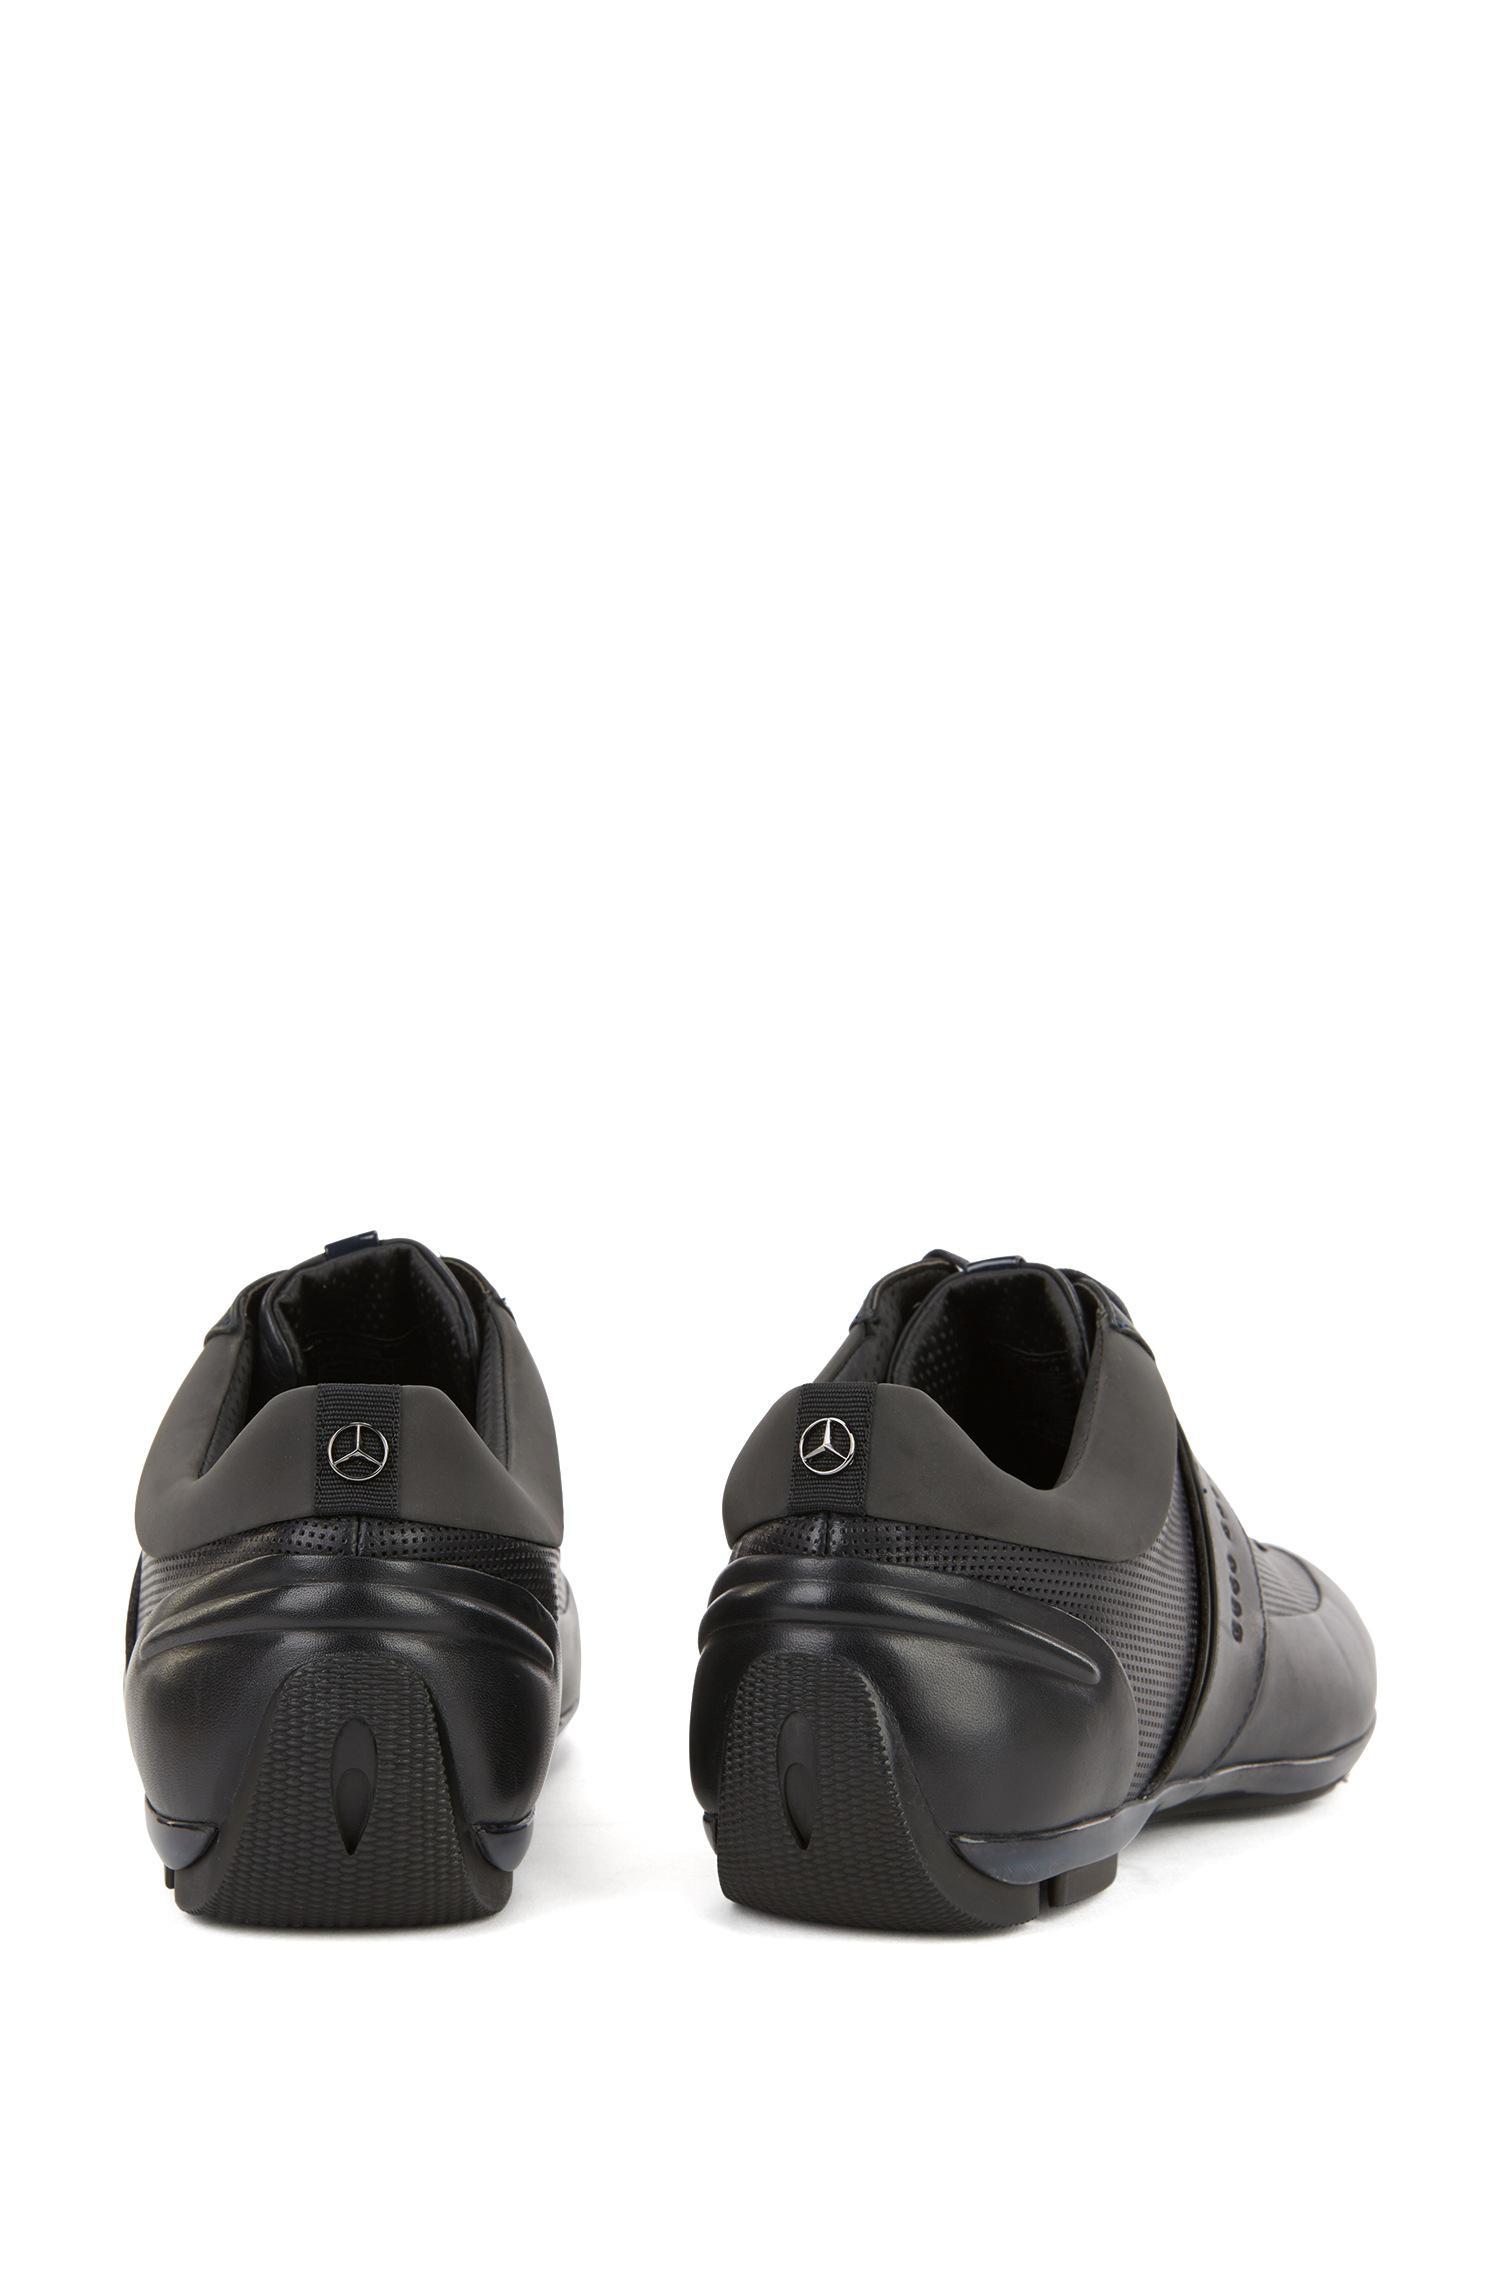 46fe8edb37 BOSS Leather Sneaker   Sporty Lowp Mbpr in Blue for Men - Lyst